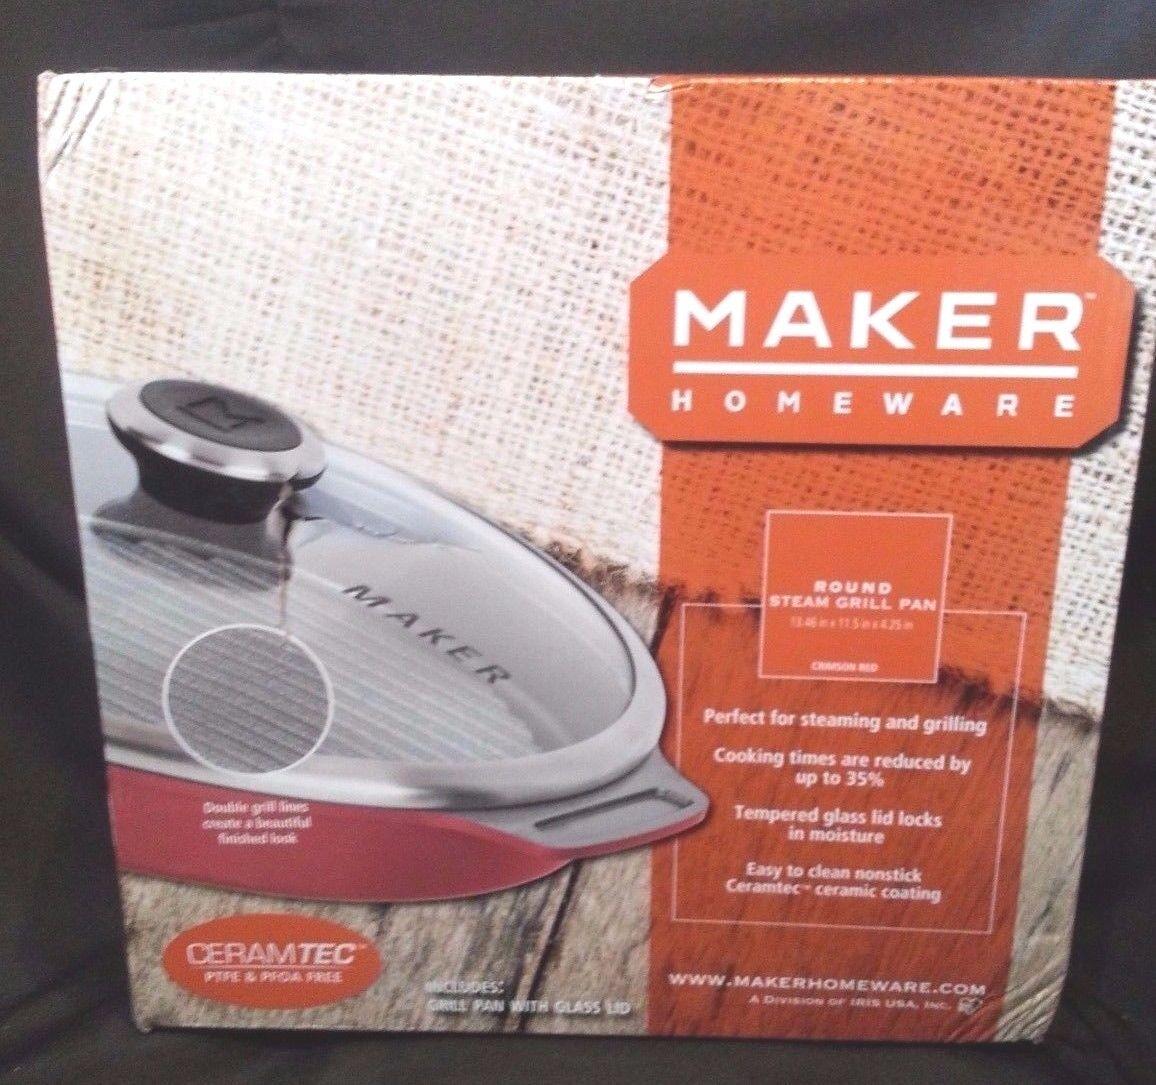 MAKER Homeware Round Steam Grill Pan NEW